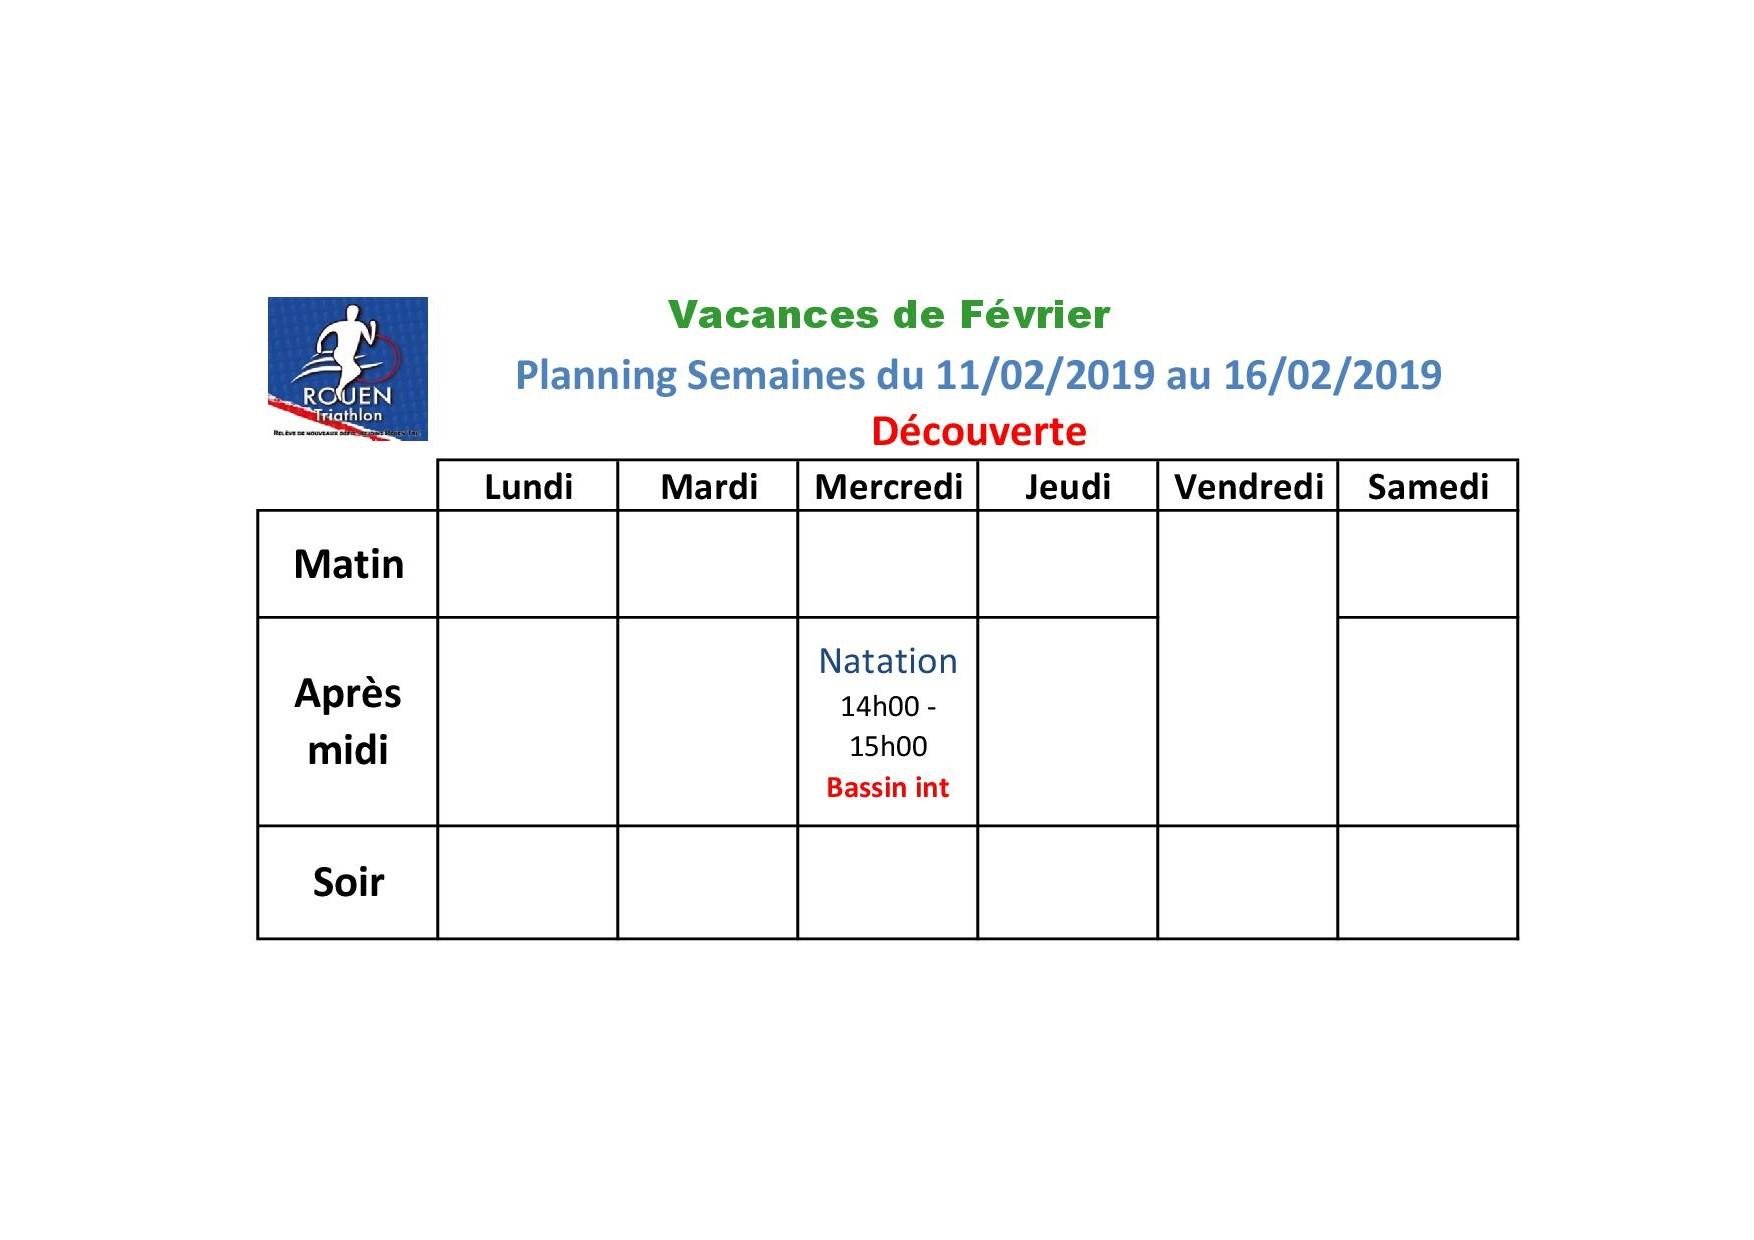 Planning vacances Février Découverte